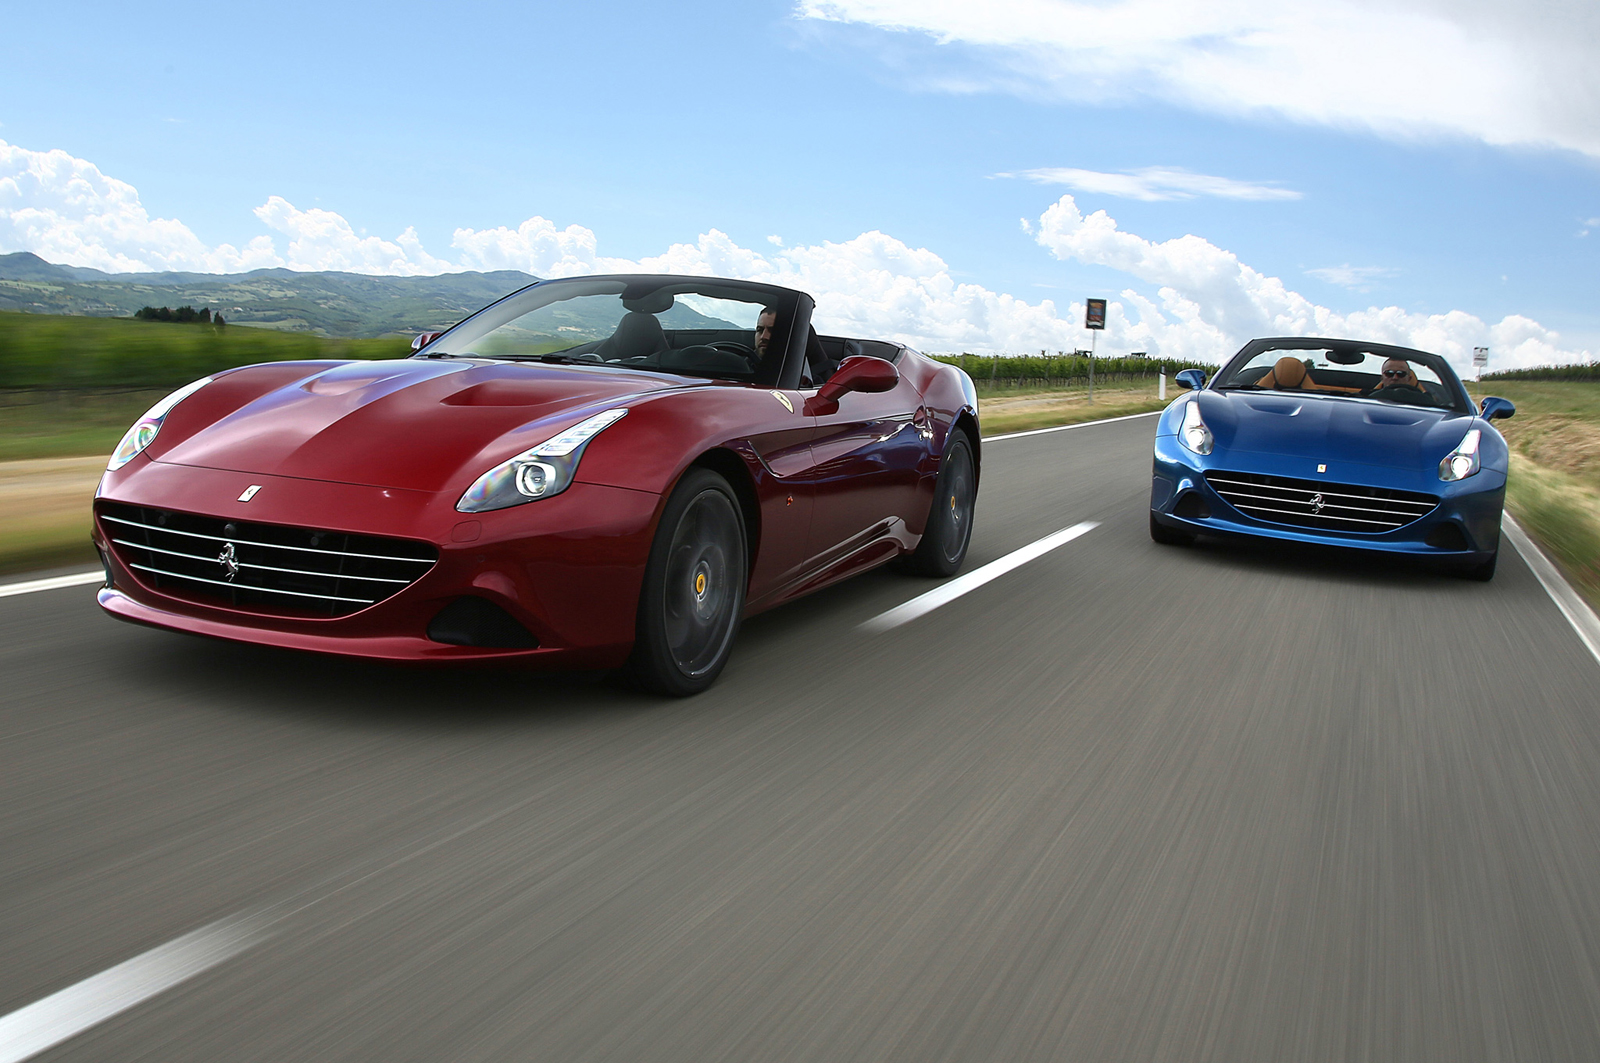 گرانترین خودروهای وارداتی را بشناسید